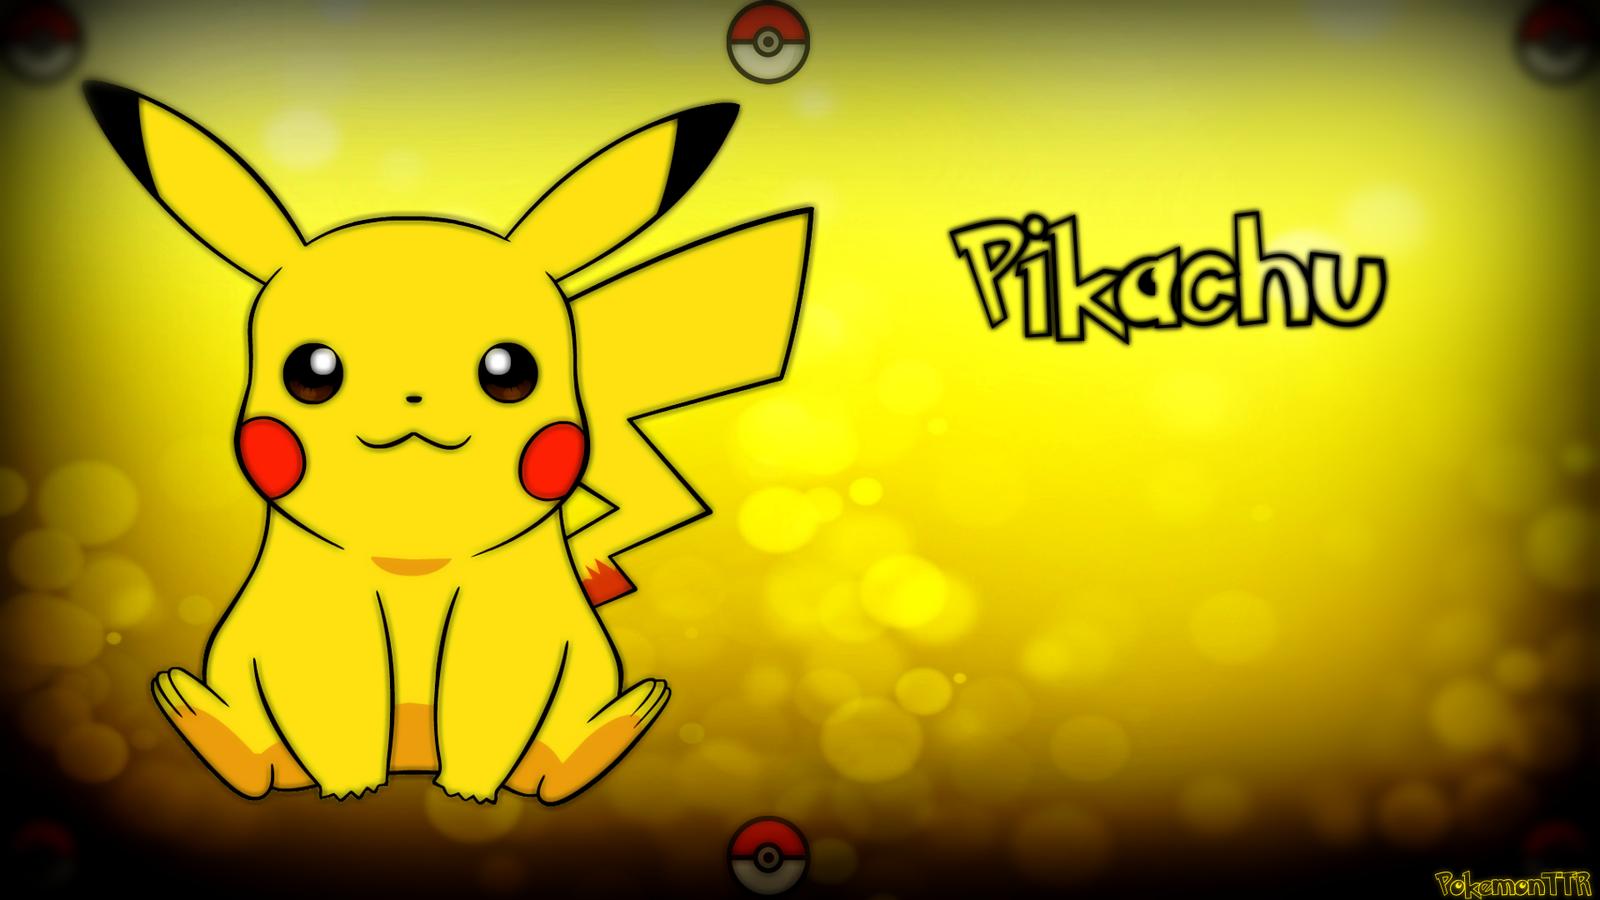 Pikachu Wallpaper Pokemon by SweetStarryGalaxies on 1600x900